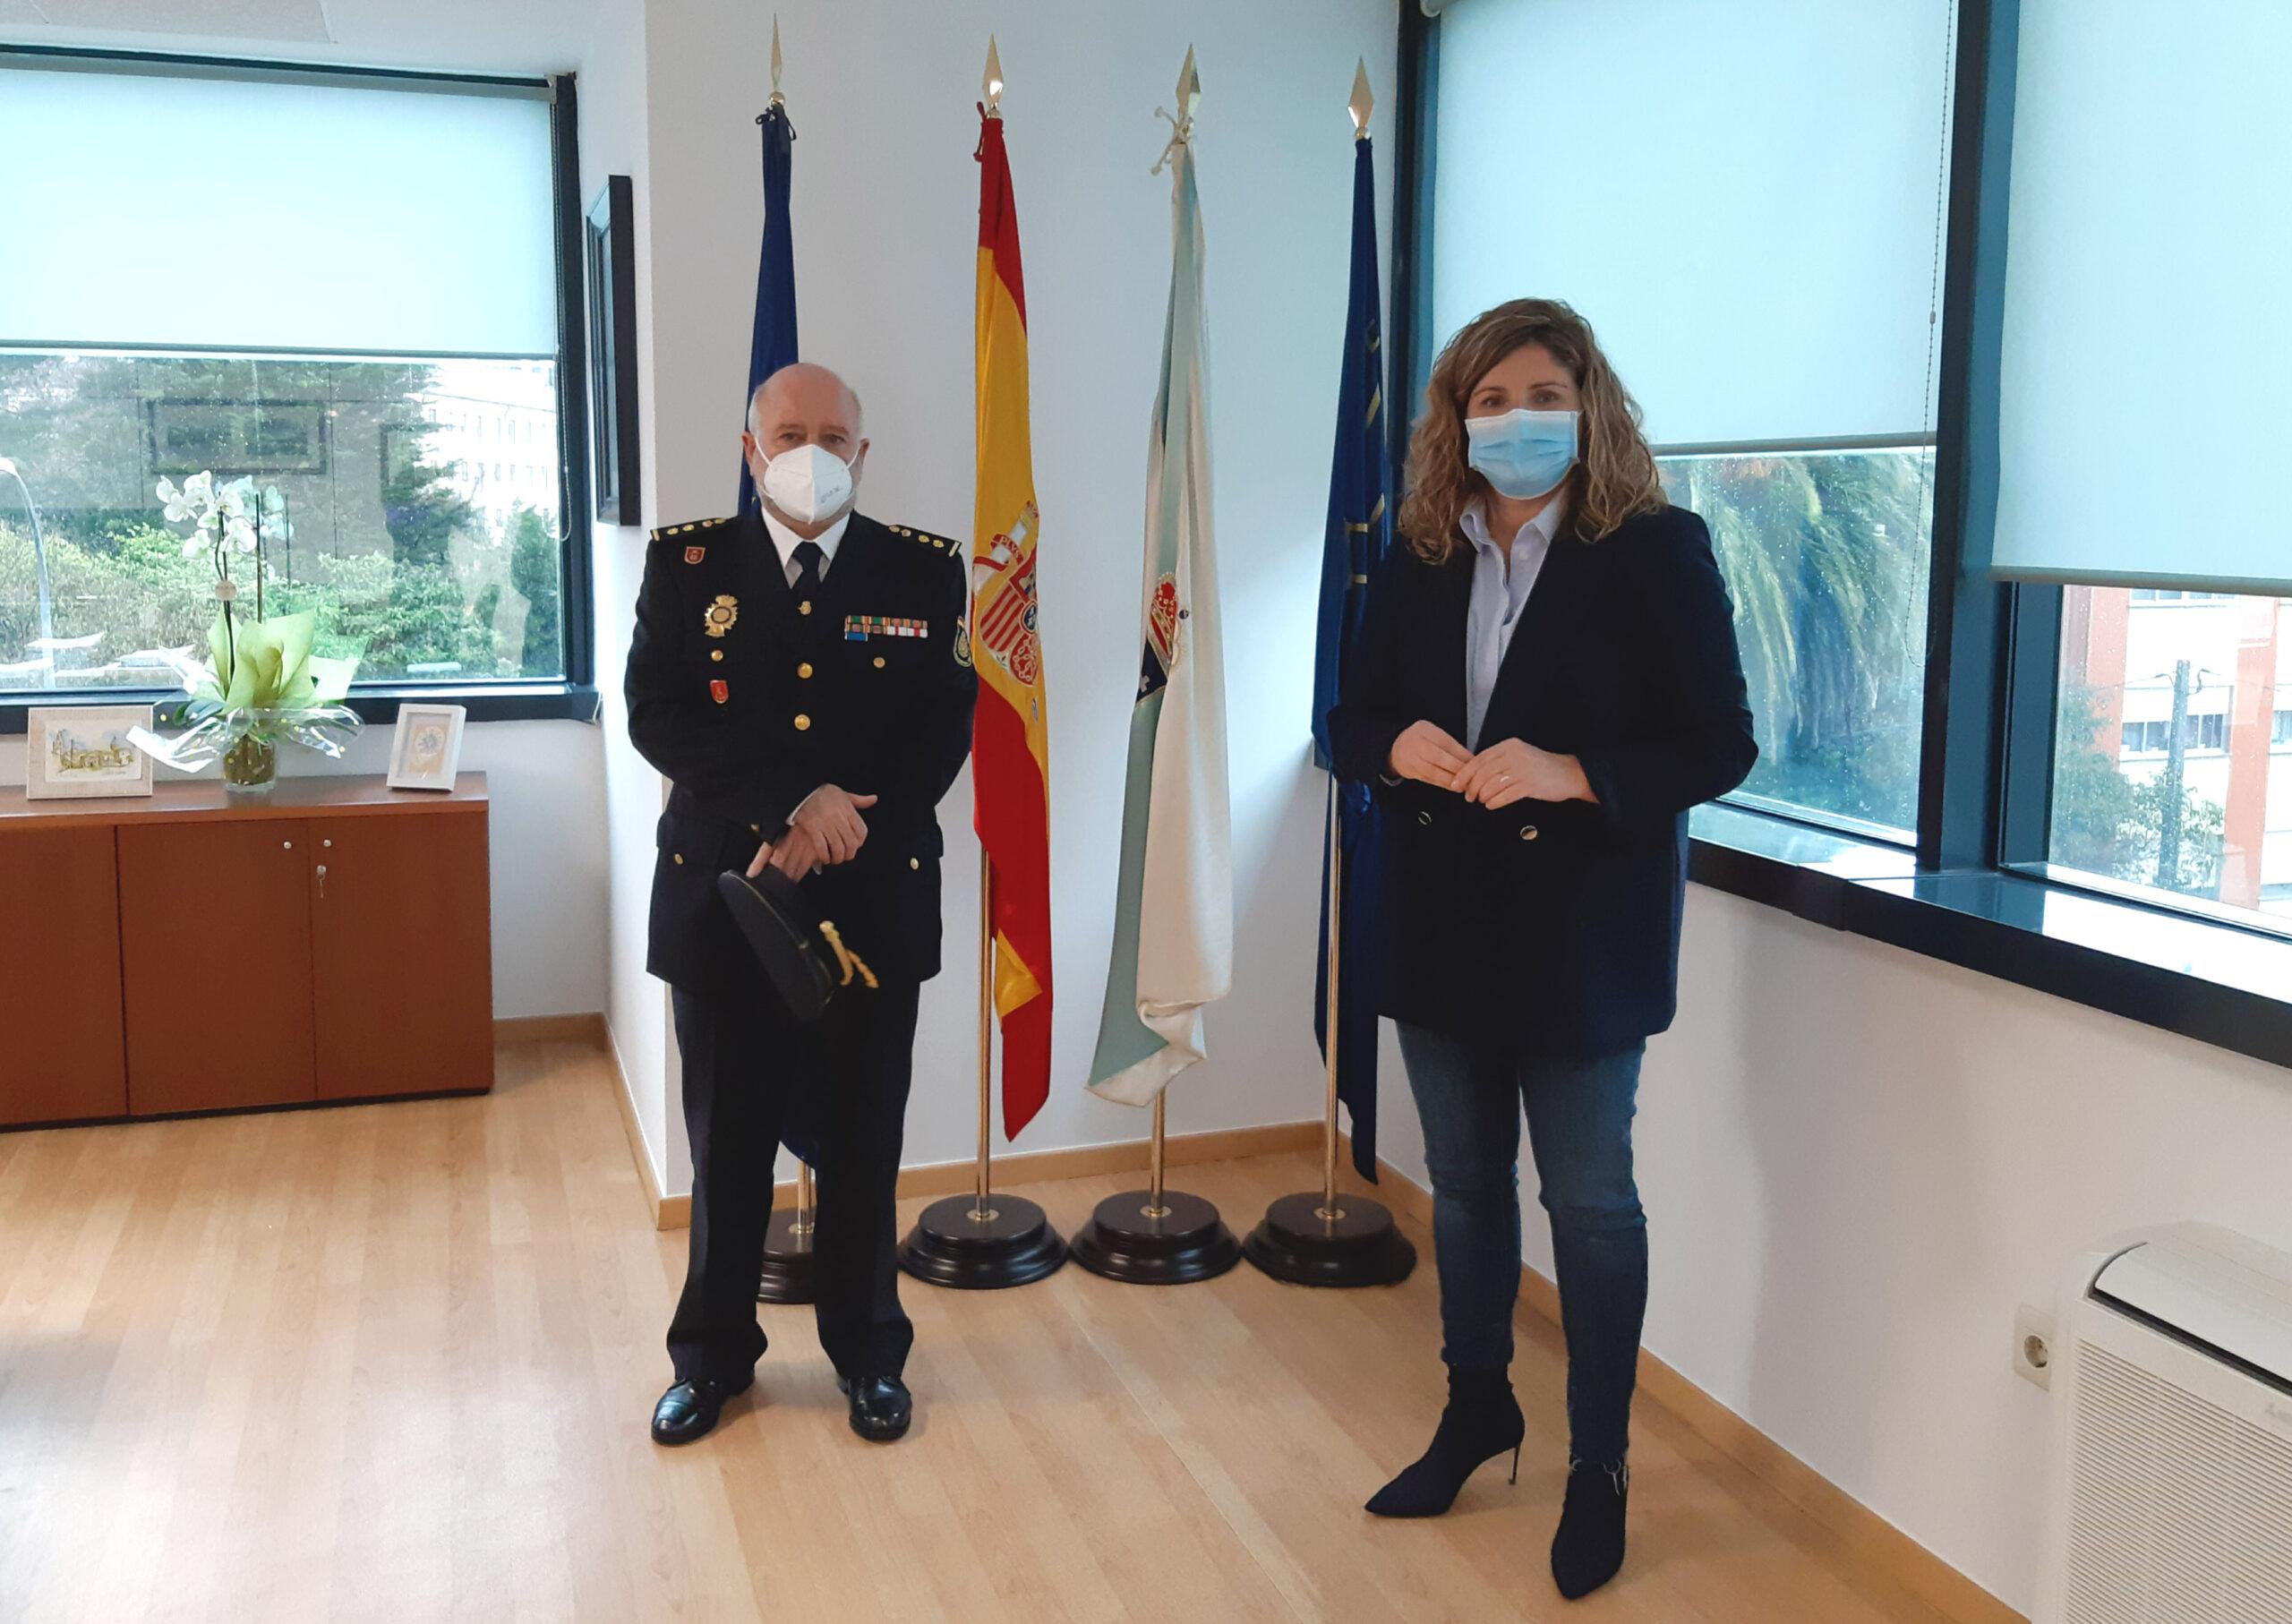 La alcaldesa de Narón, Marían Ferreiro, presidió la recepción al nuevo comisario